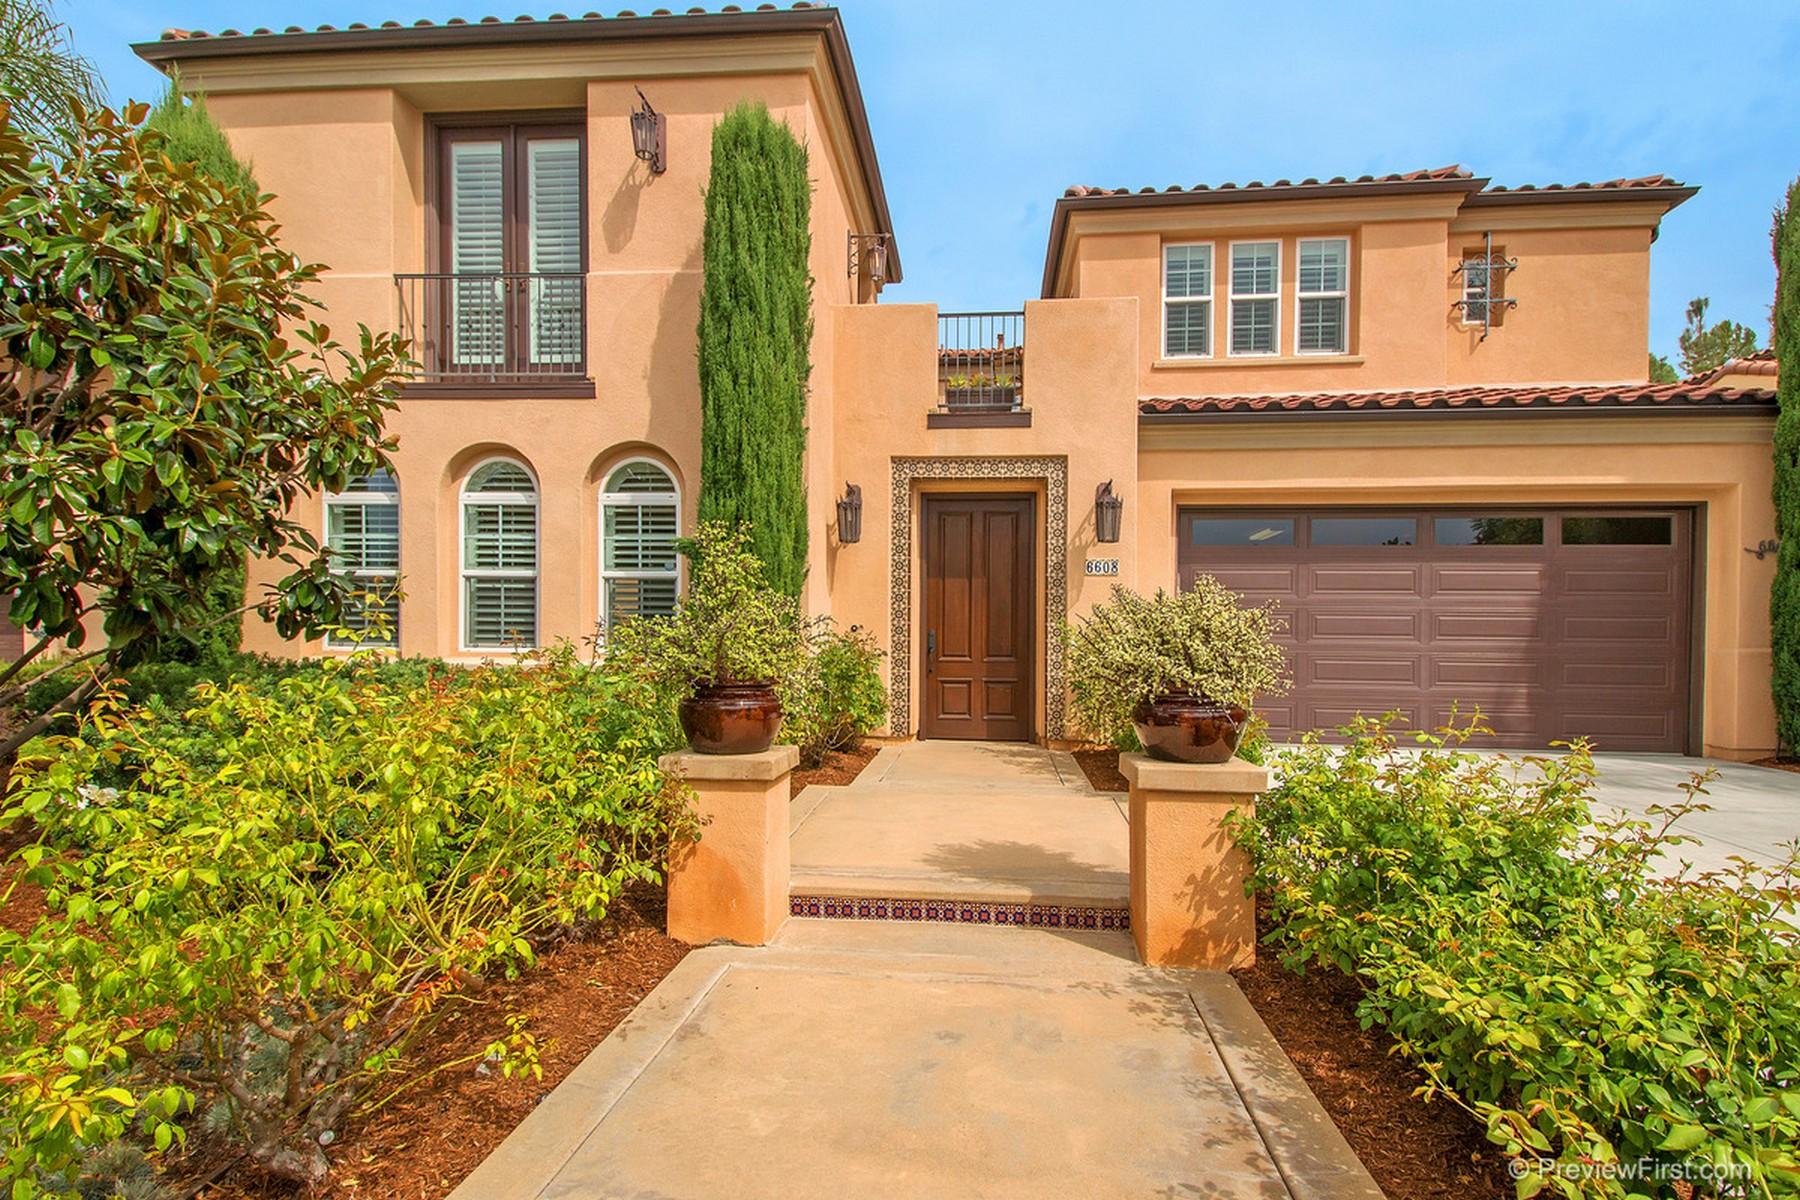 واحد منزل الأسرة للـ Sale في 6608 Halite 6608 Halite Place, La Costa Greens, Carlsbad, California, 92009 United States